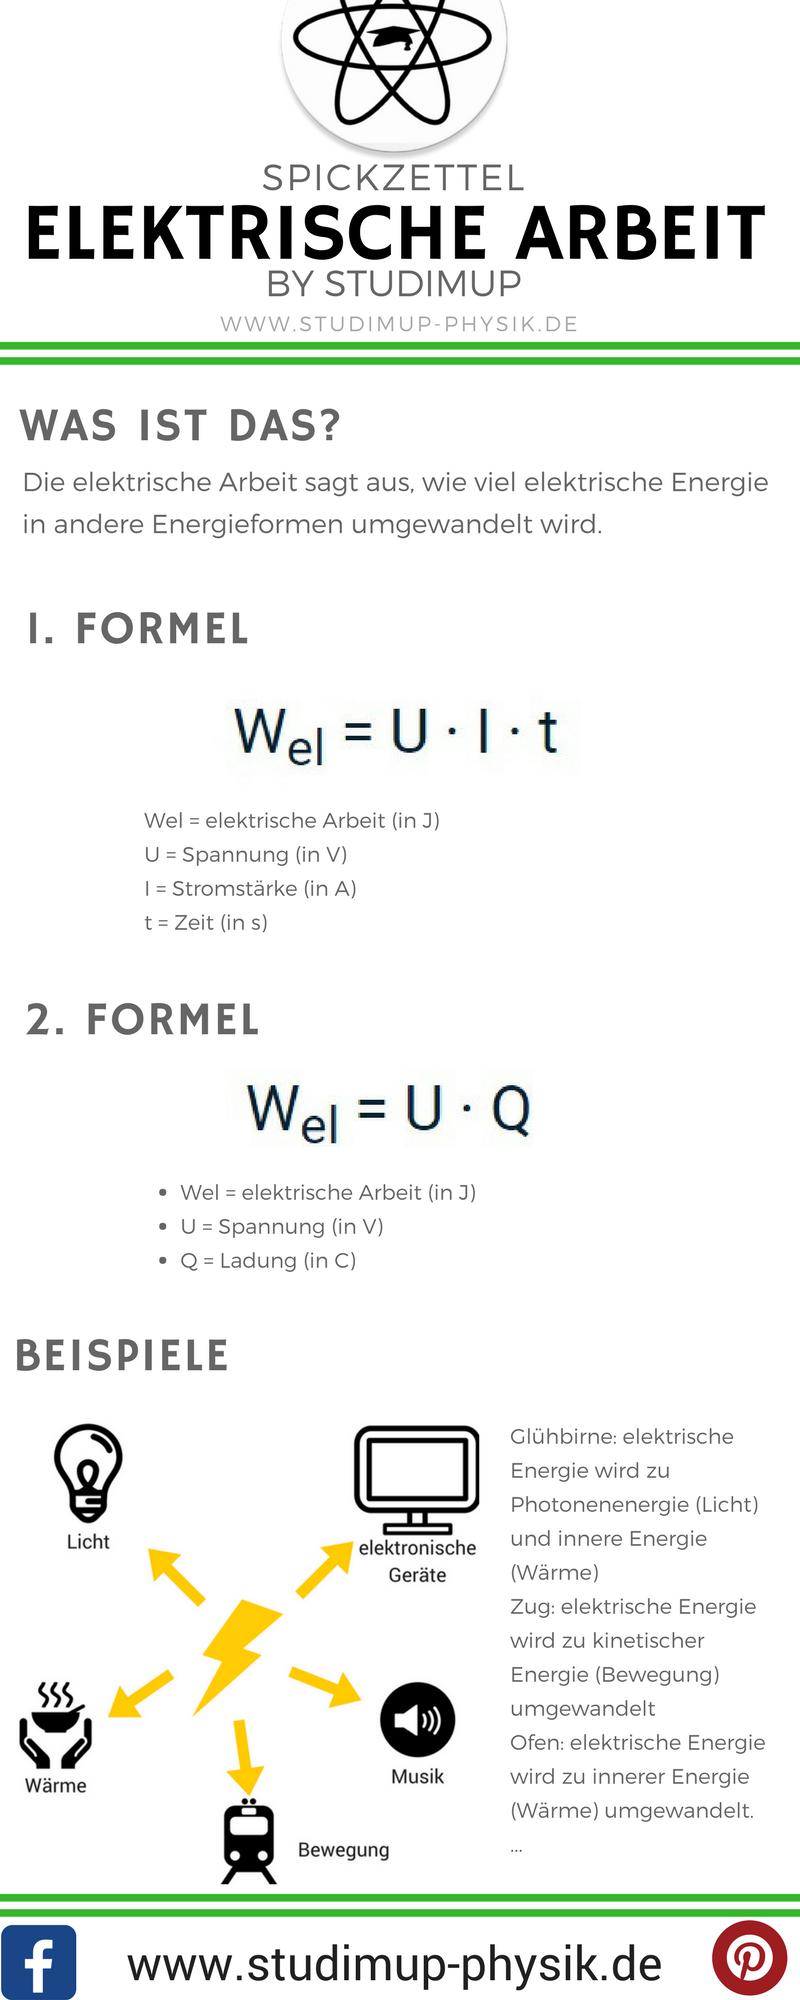 Spickzettel zur elektrischen Arbeit mit Formeln. Physik einfach für ...